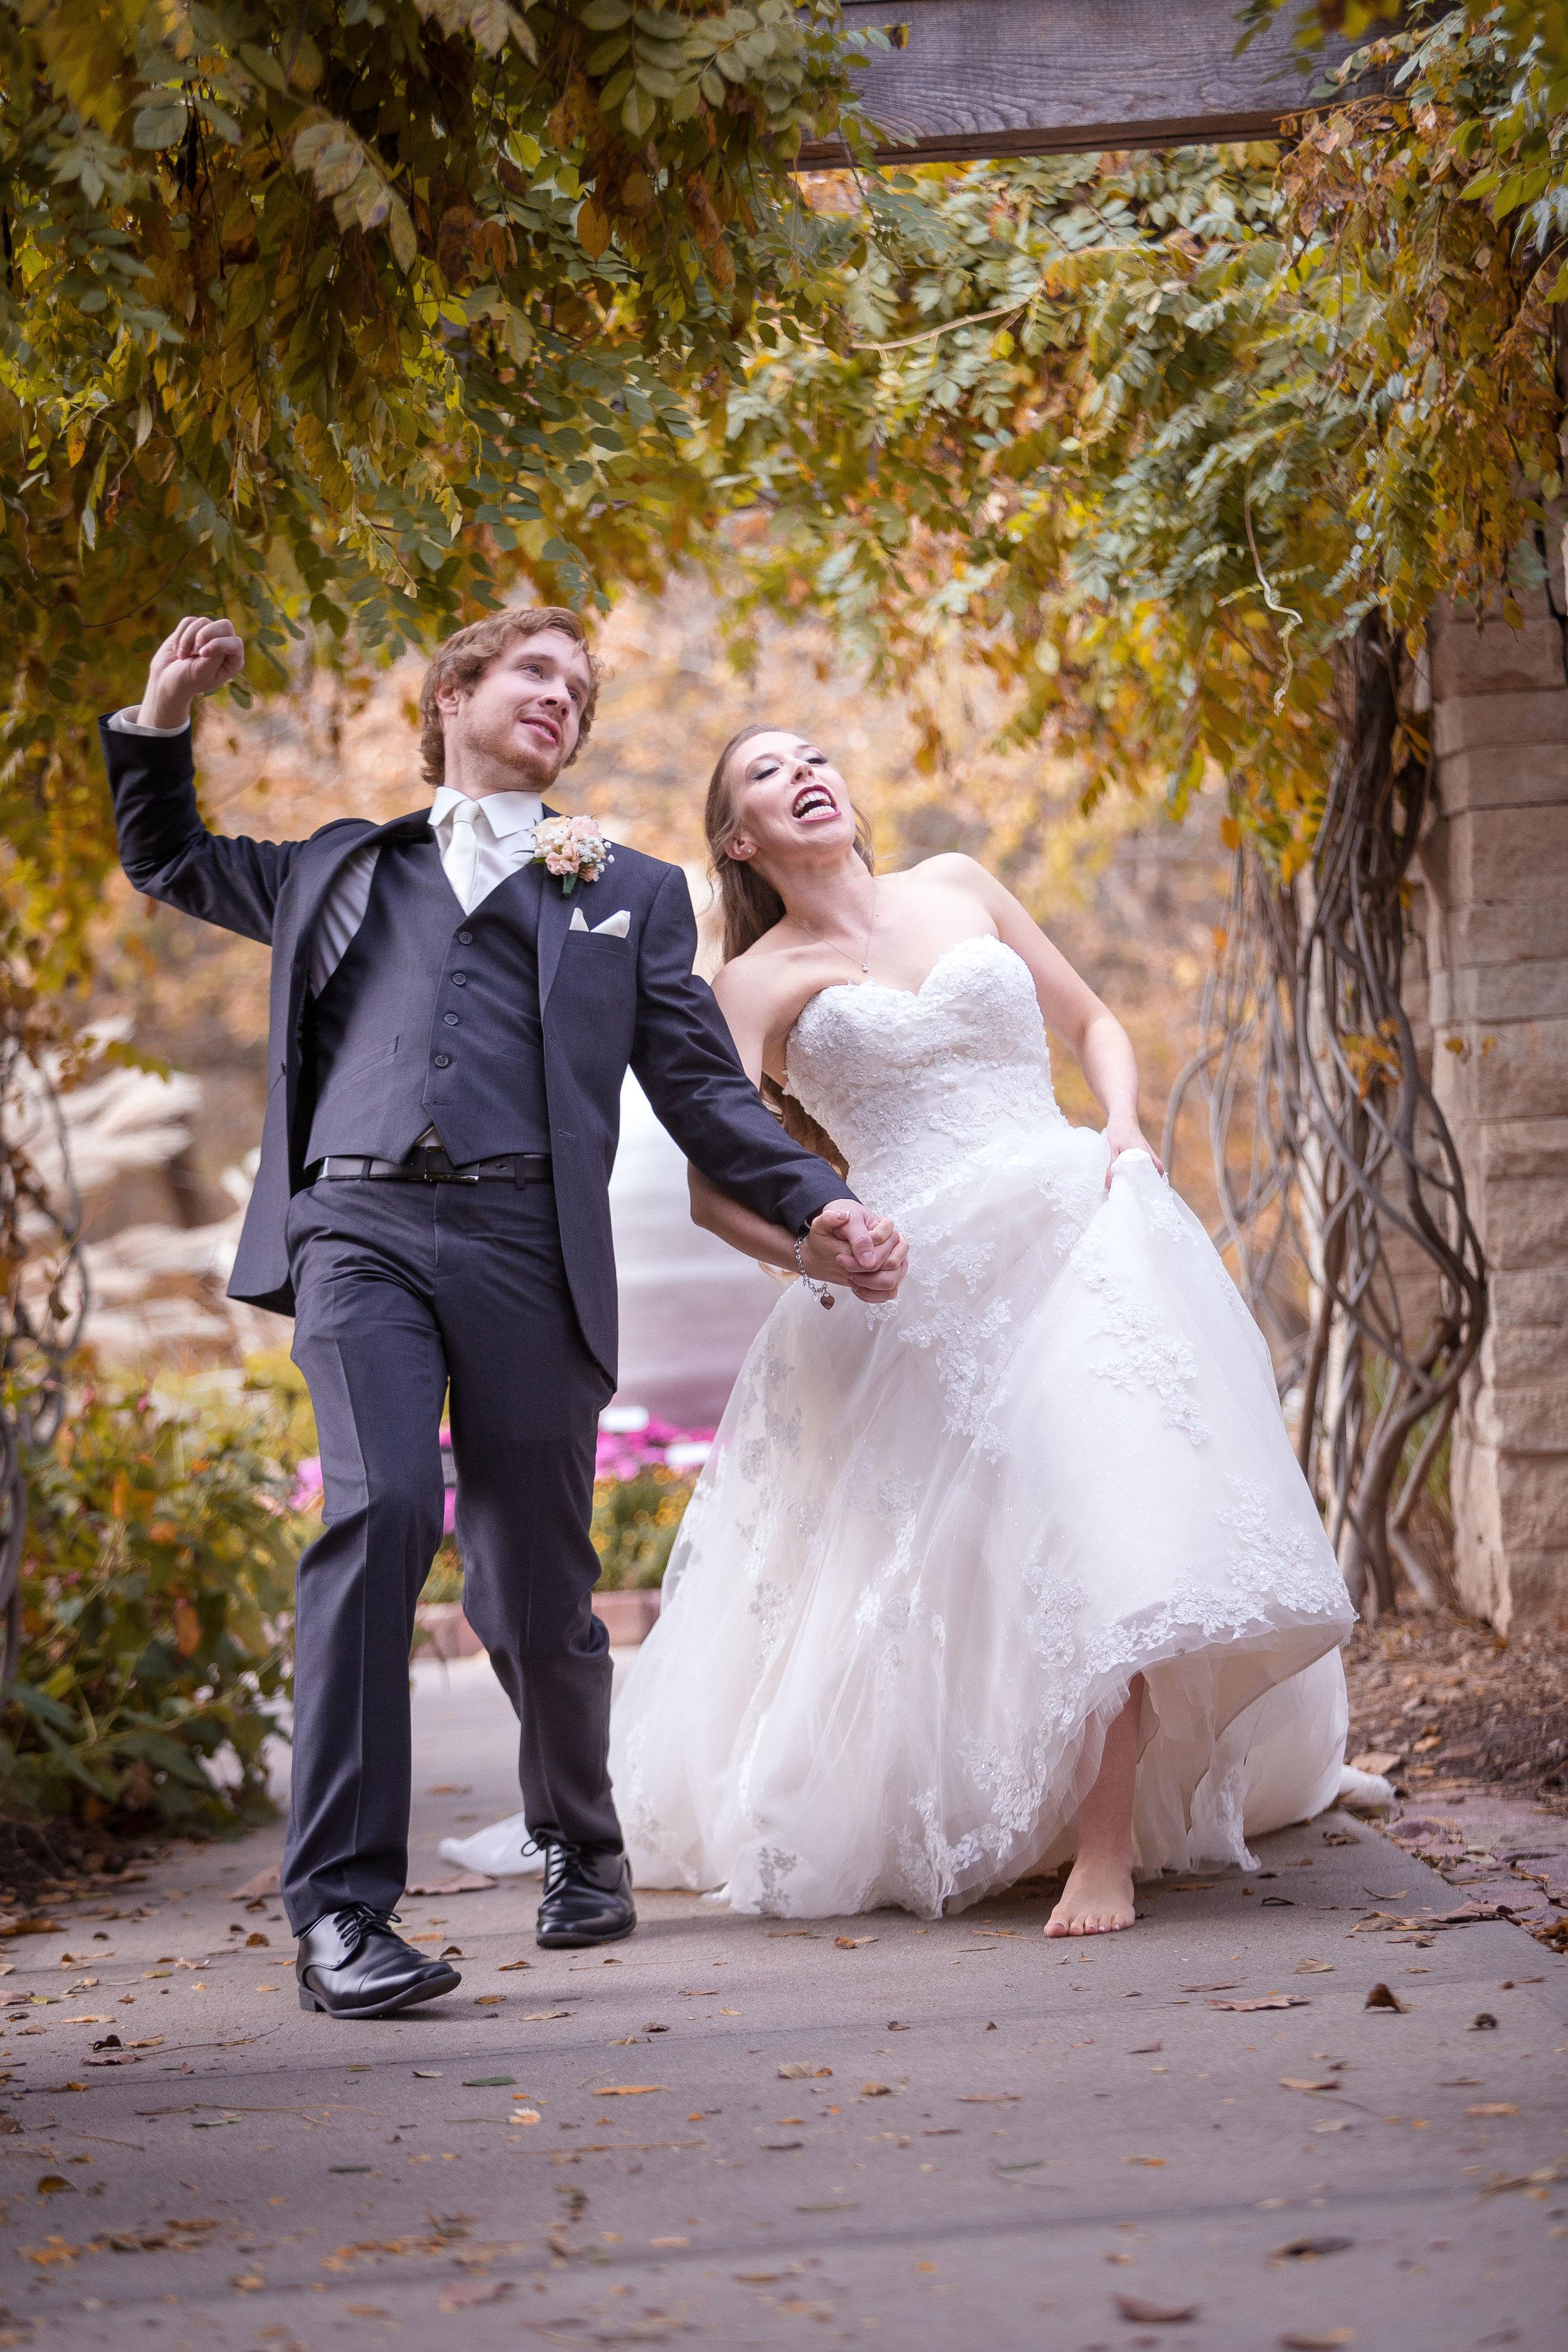 C_Wedding_Spellman, Megan & Tyler_10.27.18-829.JPG